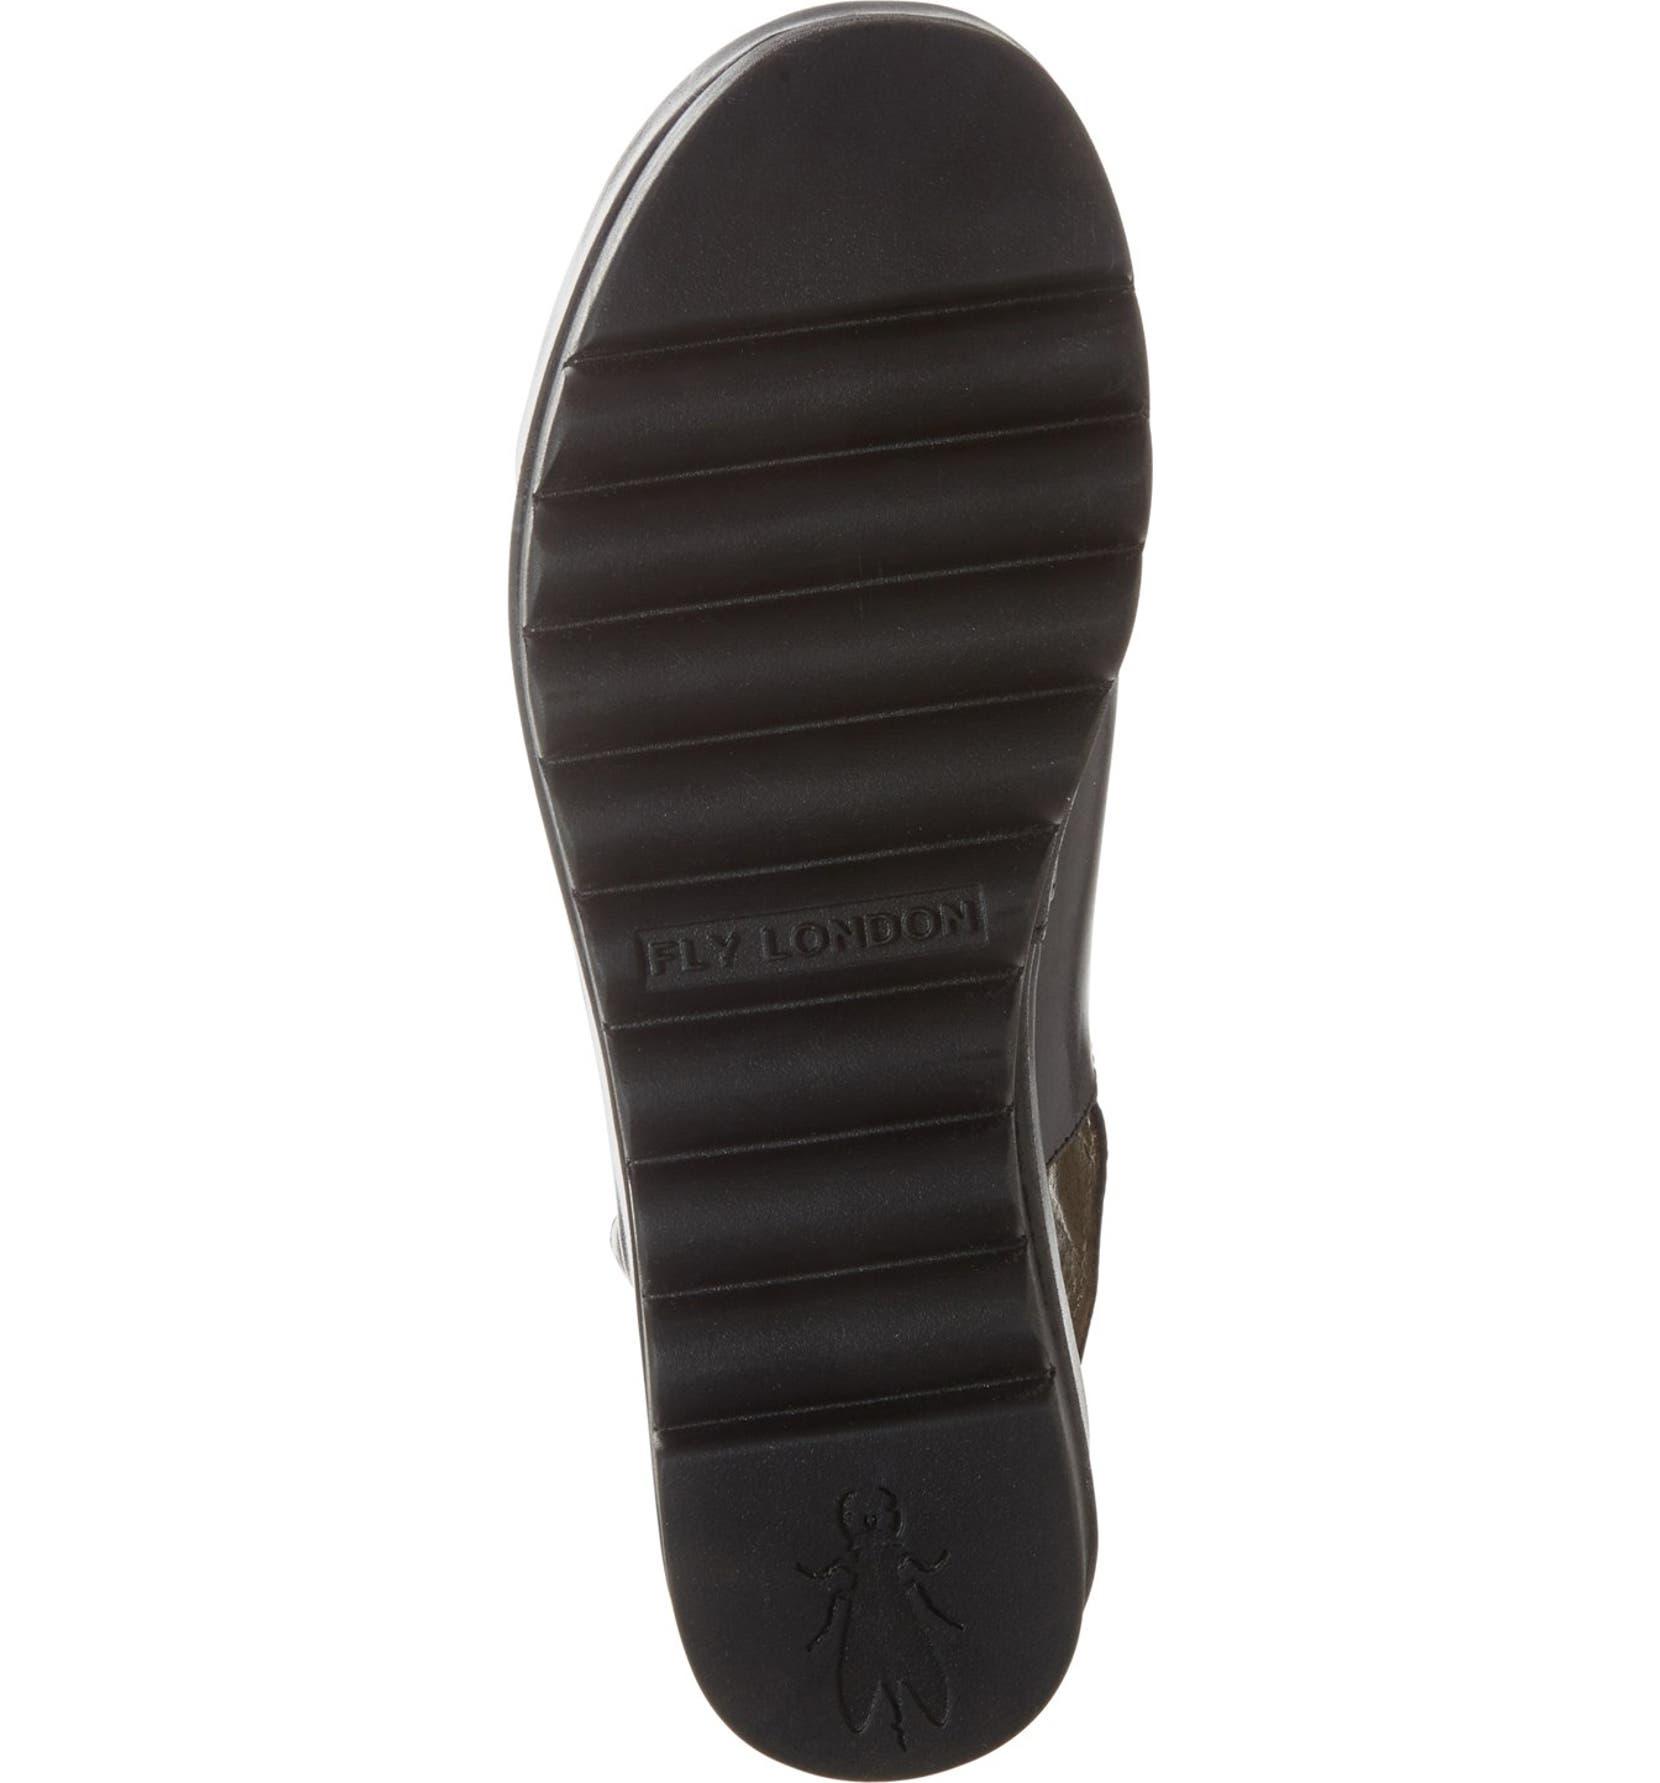 98d23ae167 Fly London 'Bora' Platform Sandal (Women)   Nordstrom